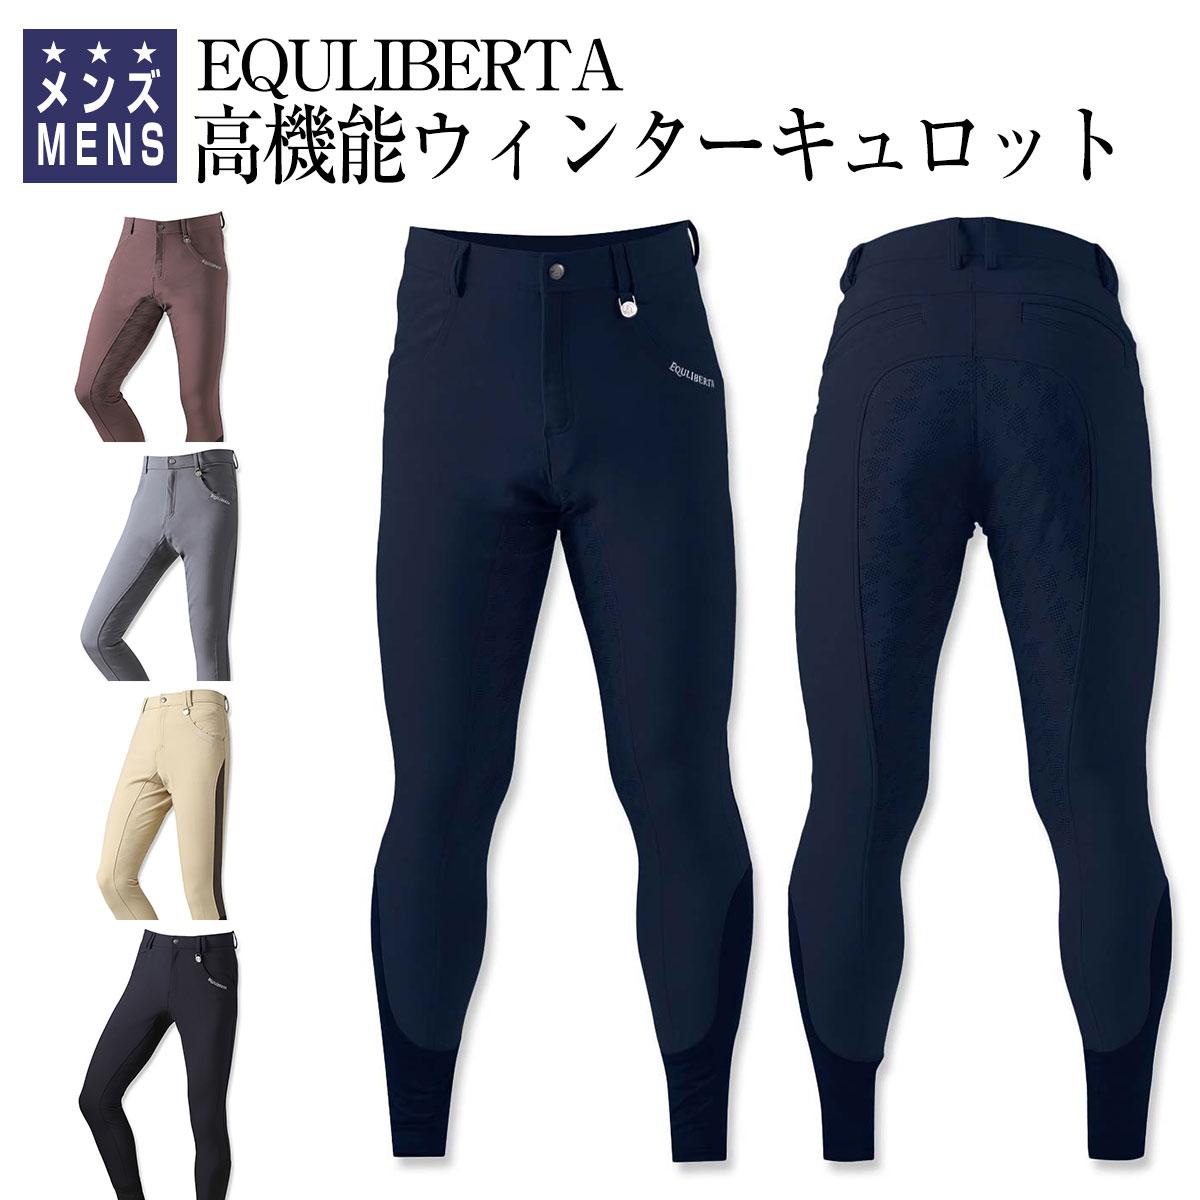 【ポイント5倍】乗馬 キュロット ズボン パンツ EQULIBERTA 高機能ウィンターキュロット フルグリップ メンズ 乗馬用品 馬具